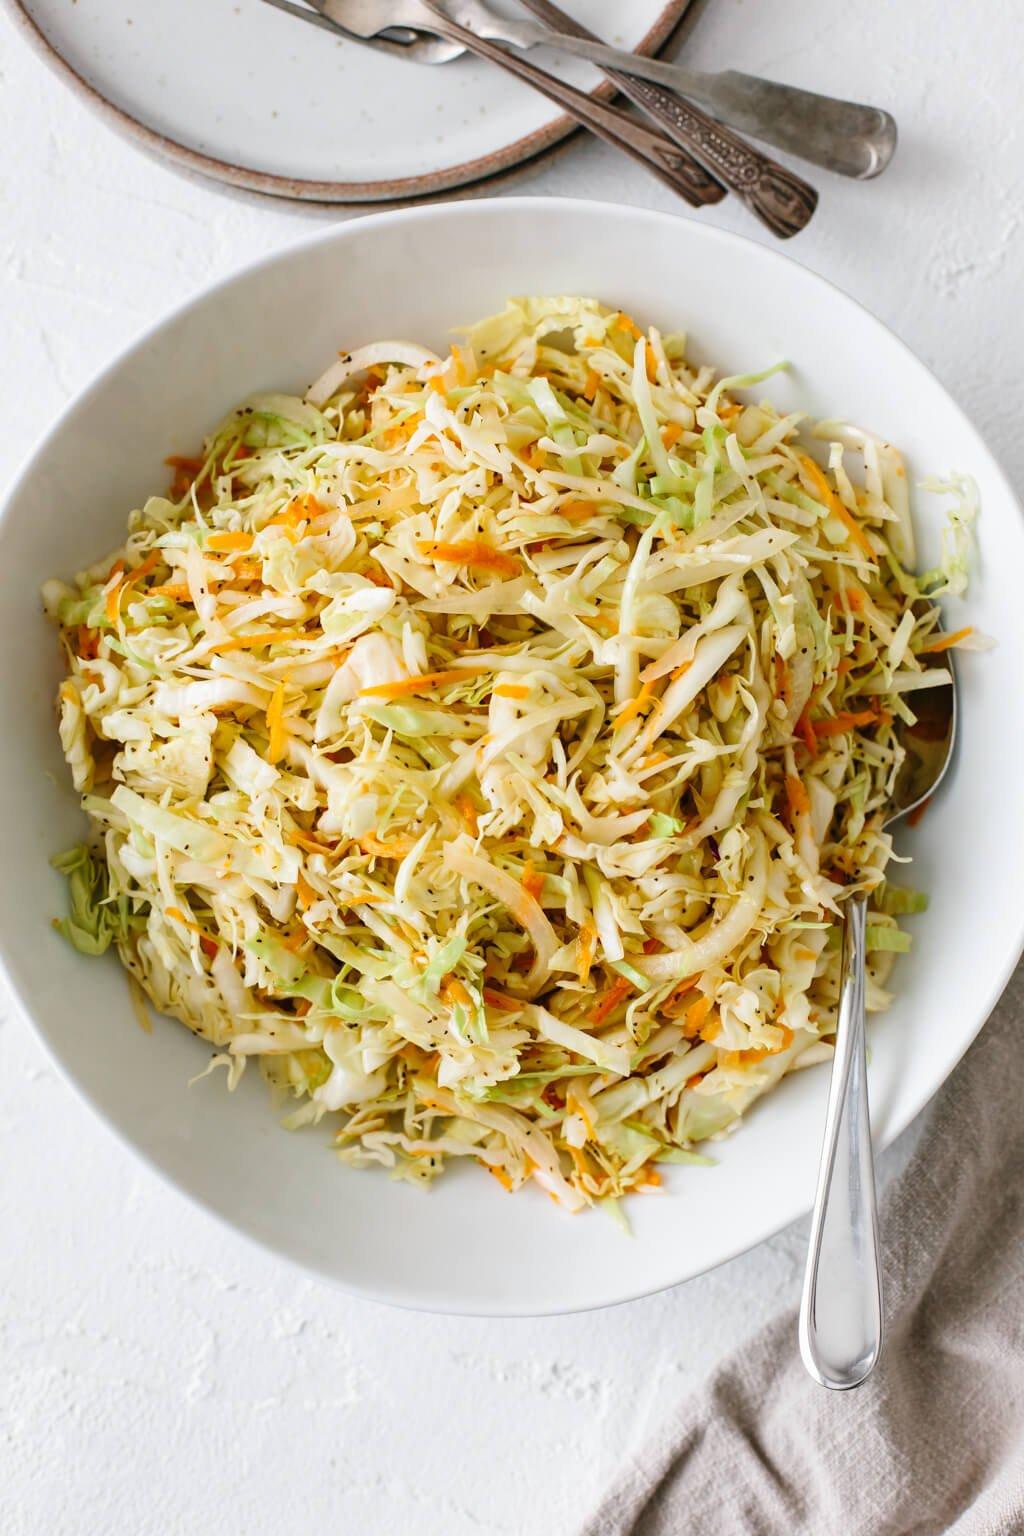 Vinegar based coleslaw in a white bowl.